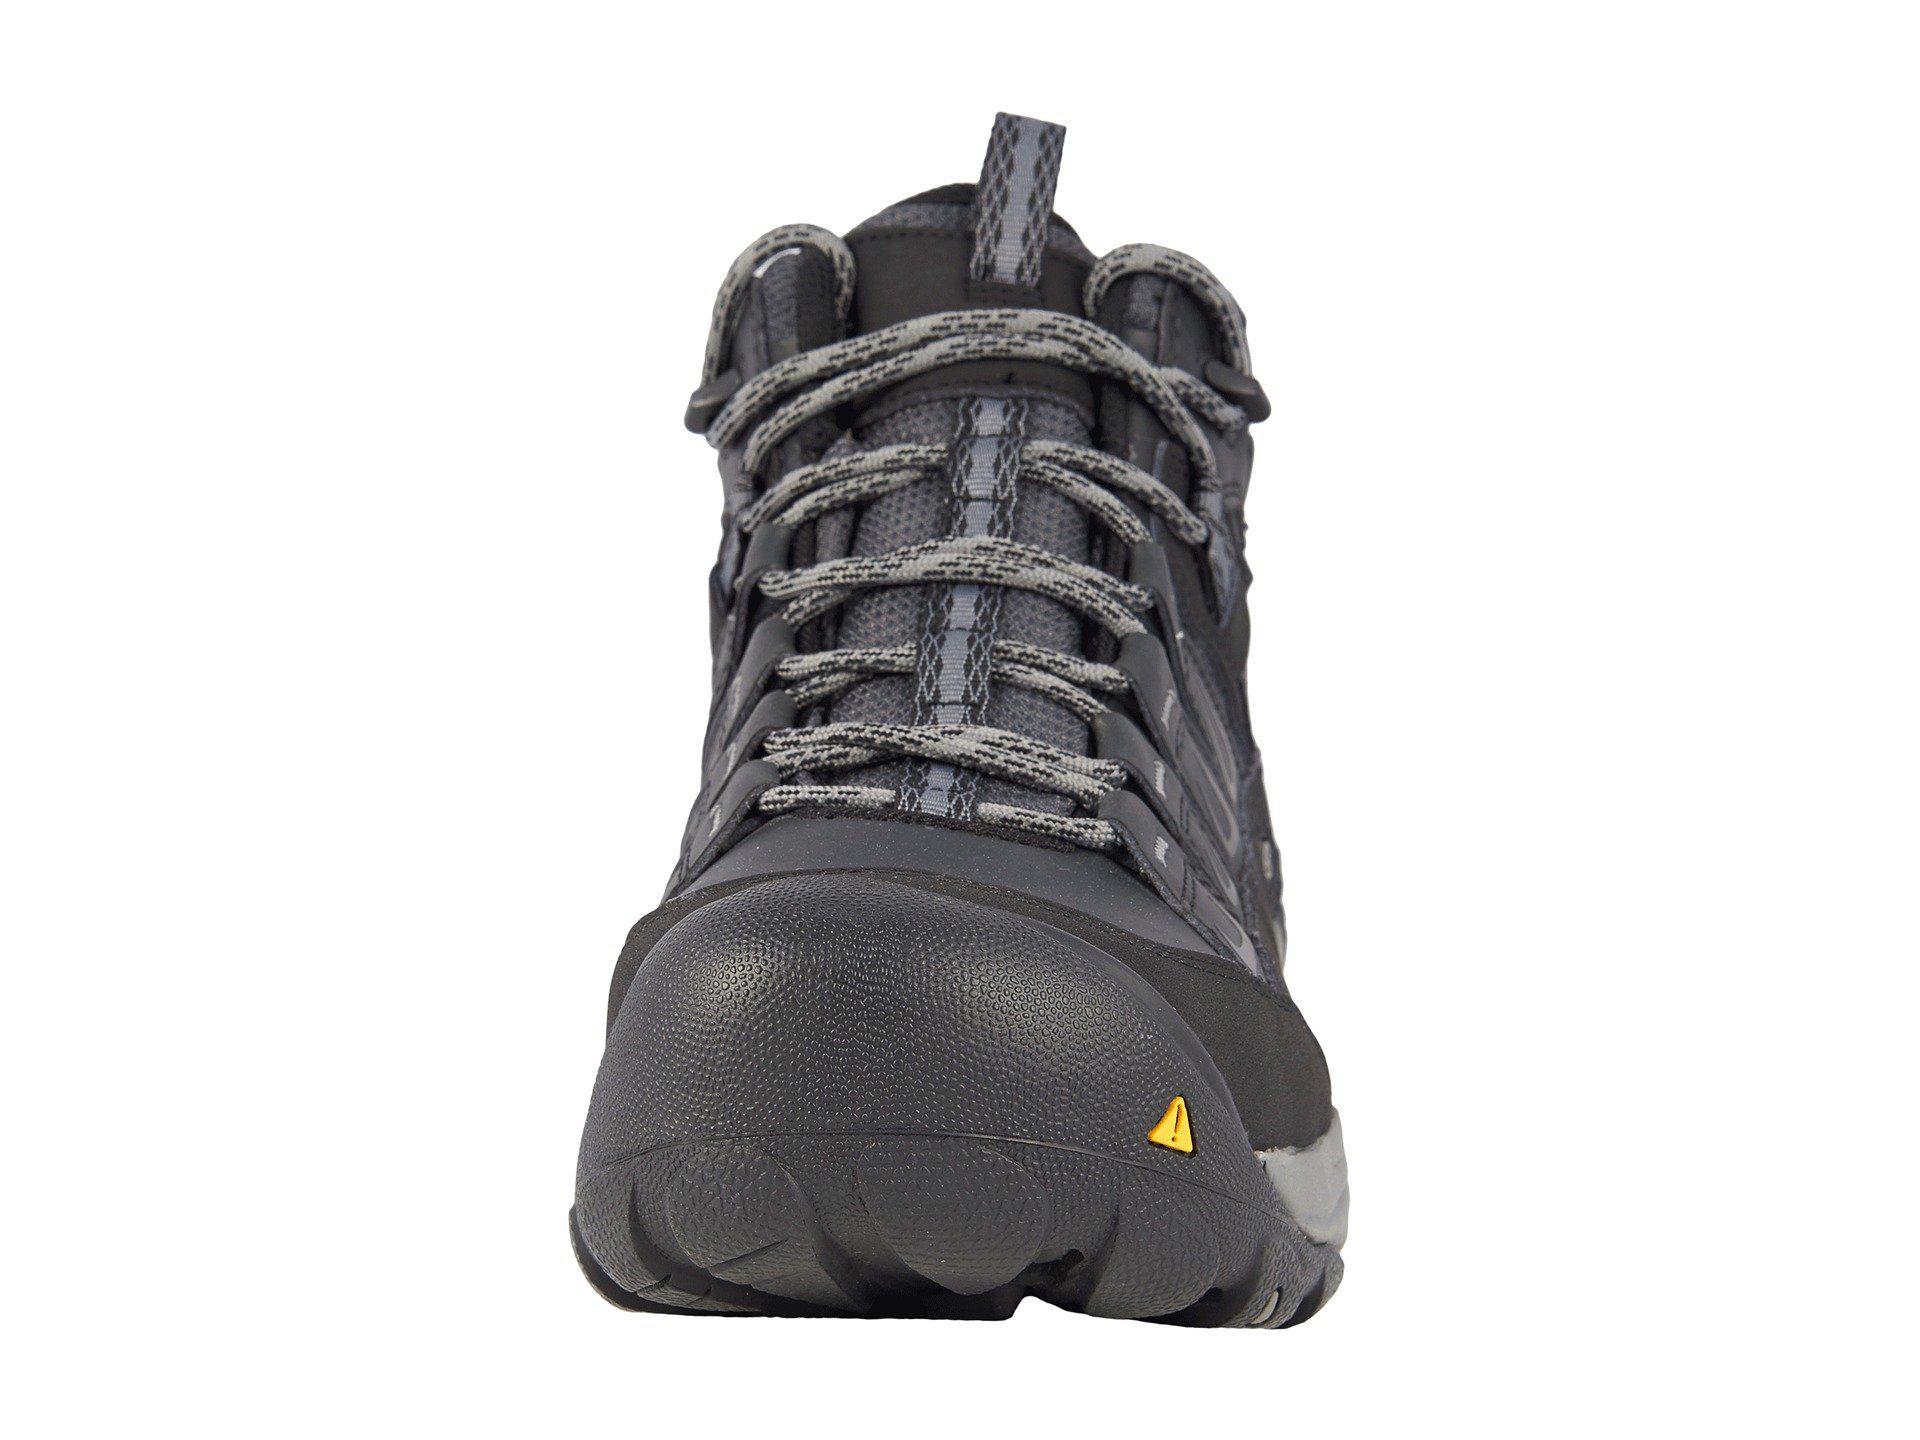 7257716e1df Keen Utility - Multicolor Boulder Mid Waterproof Steel Toe (magnet gargoyle)  Men s Waterproof. View fullscreen